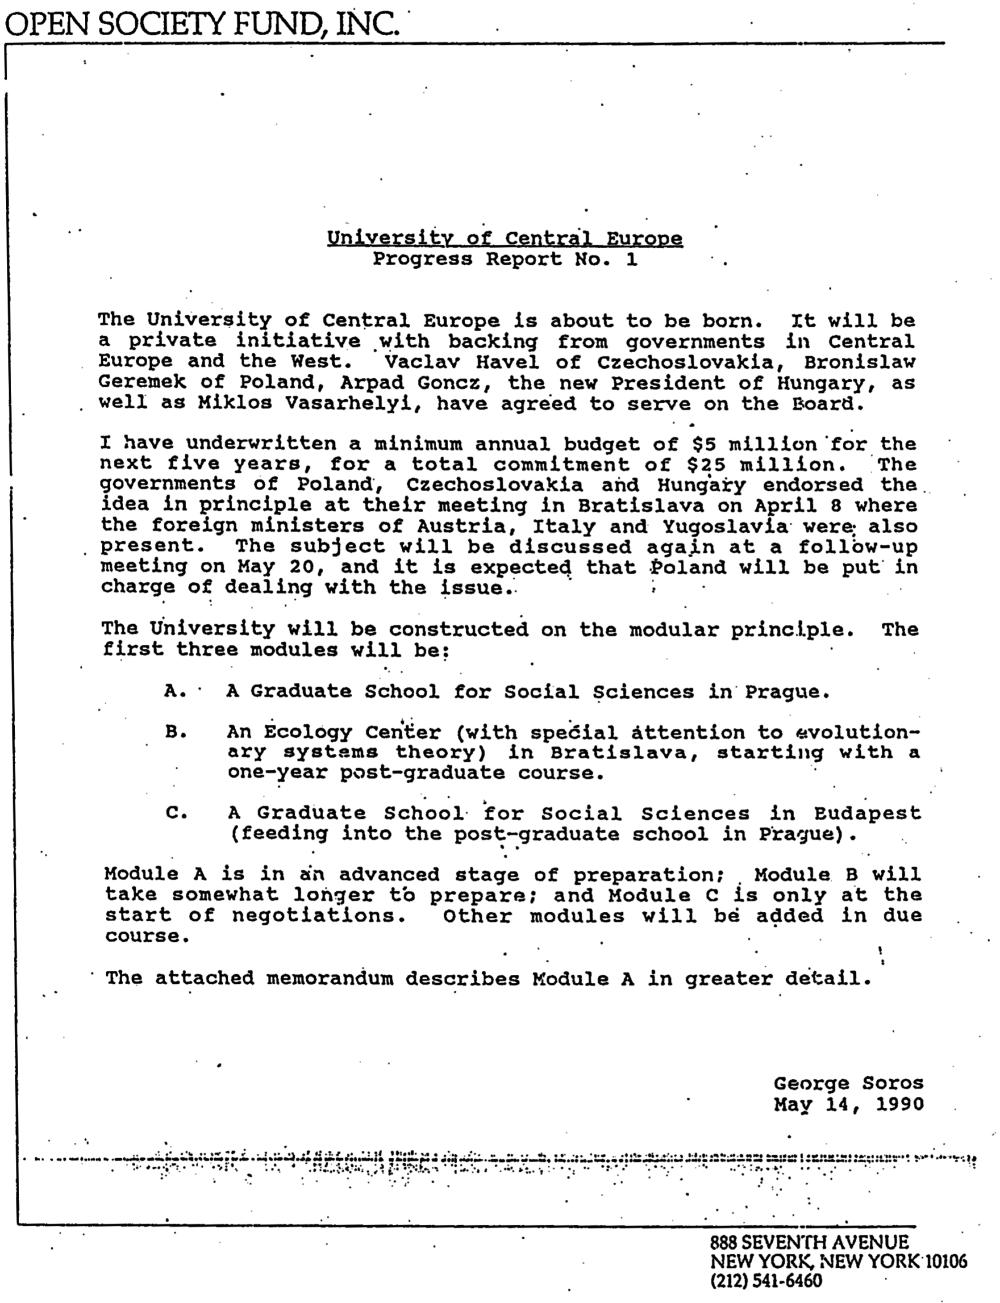 Progress Report zo 14. mája 1990 naznačuje, že Bratislava prehráva svoj boj o Stredoeurópsku univerzitu. Pobočky univerzity by podľa tohto dokumentu mali vzniknúť v Budapešti a Prahe, Bratislava by mala byť sídlom ekologického centra s jednoročným postgraduálnym kurzom. Zdroj: archív Pavla Brunovského